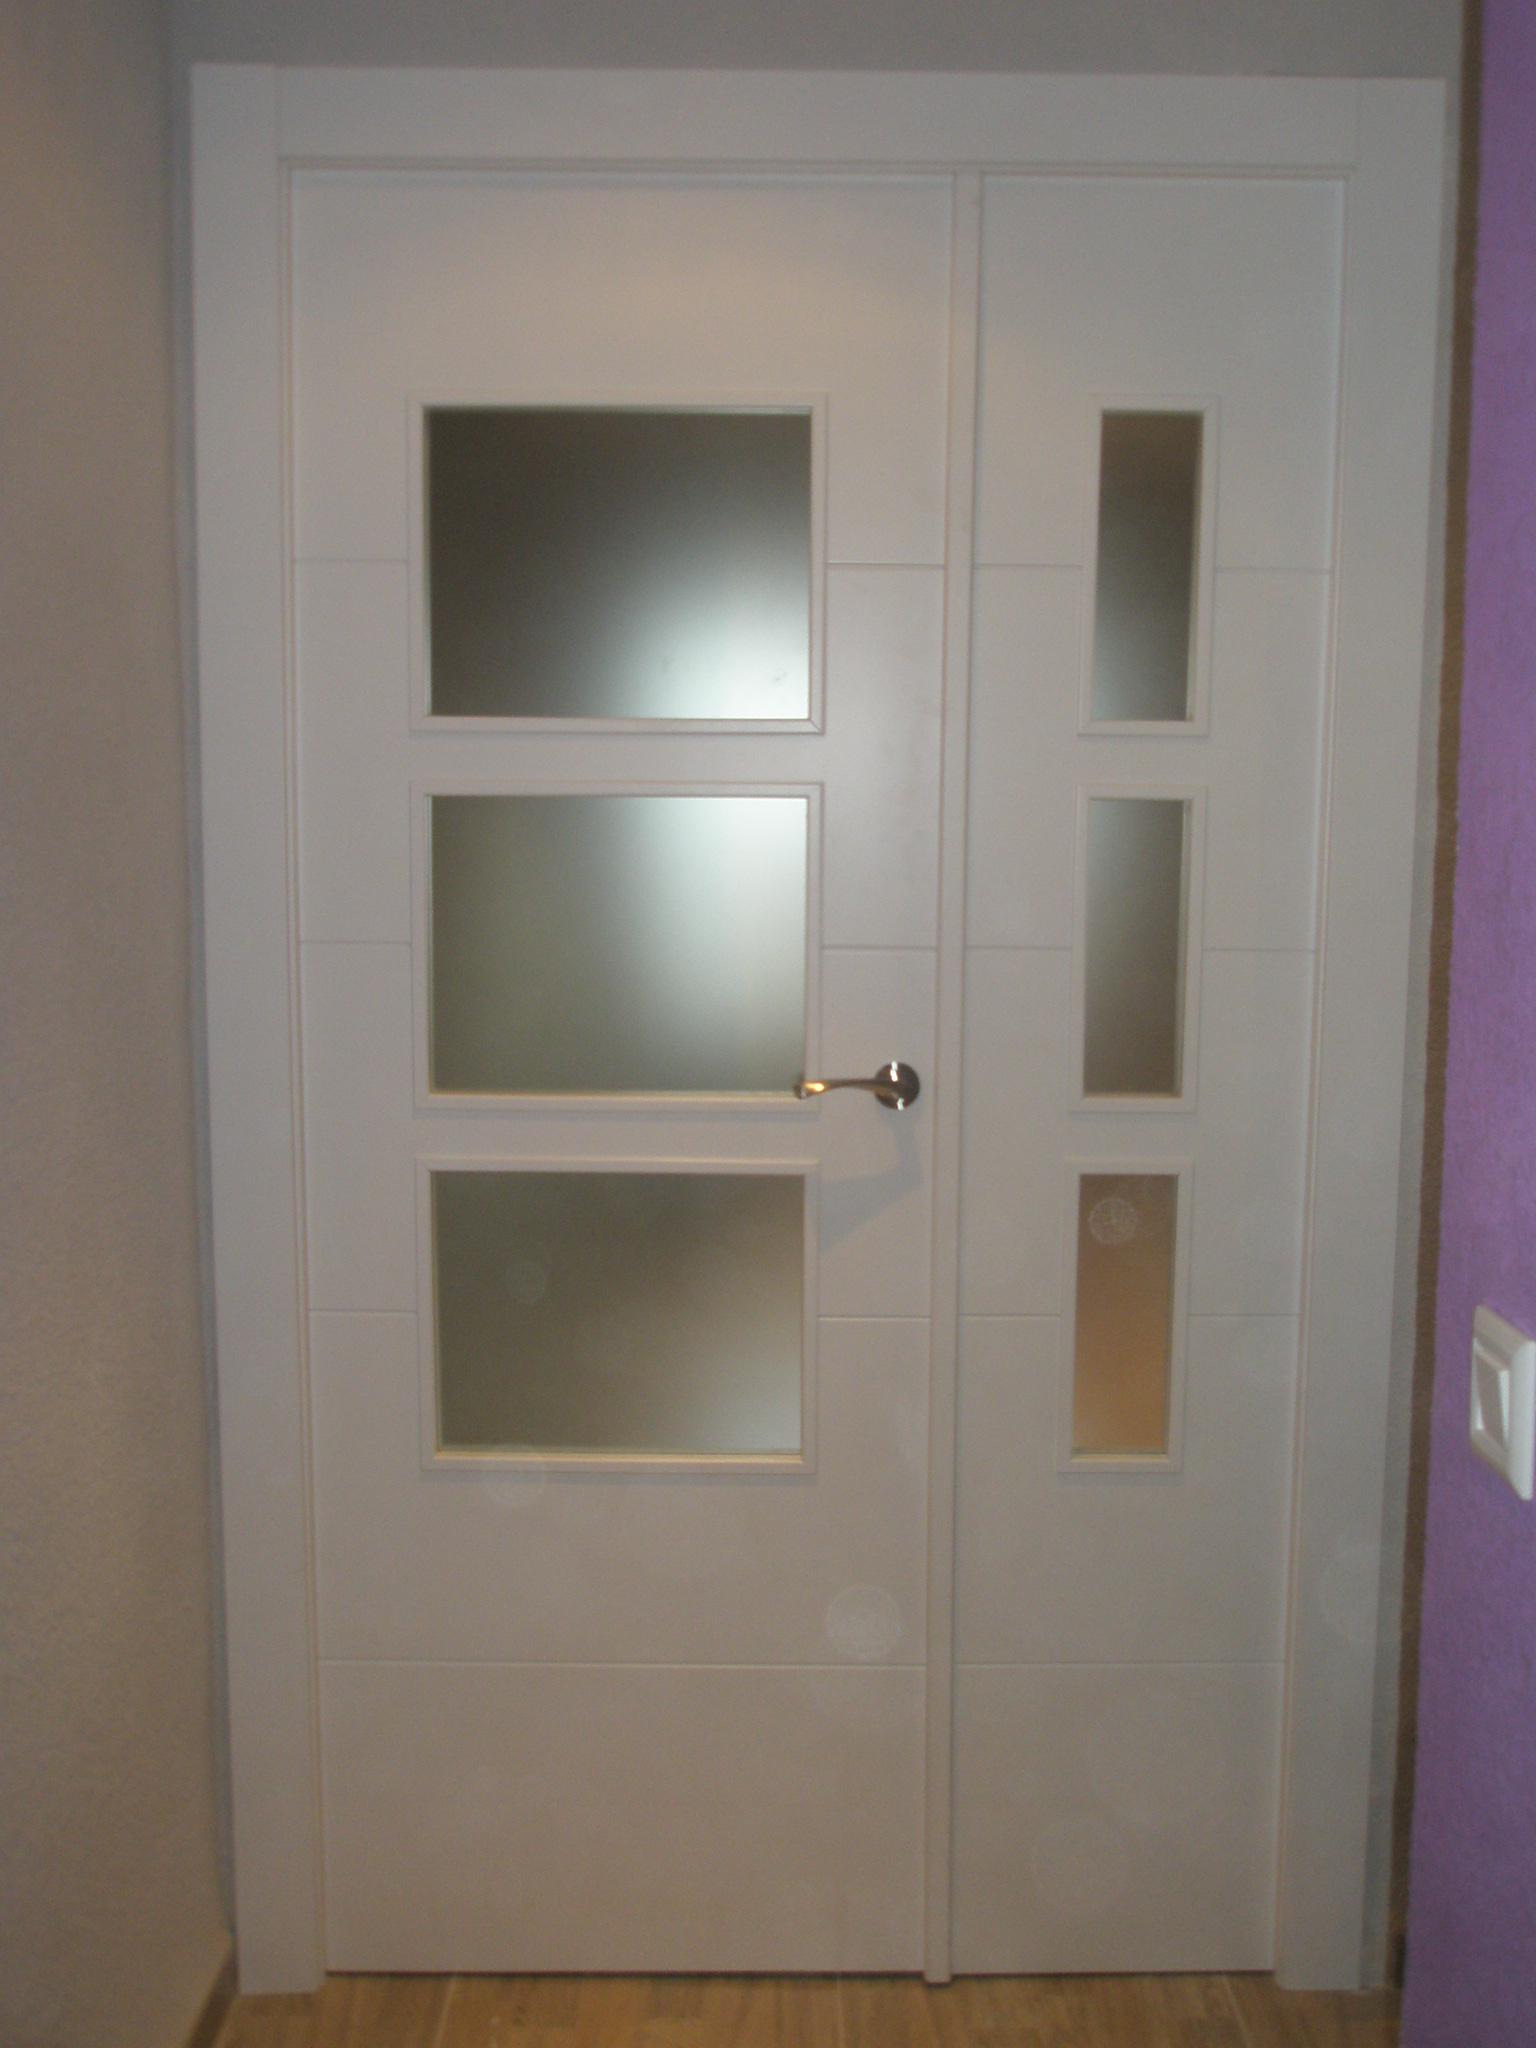 Puerta doble v3 8500 lacado en blanco puertas y ventanas for Puerta doble interior